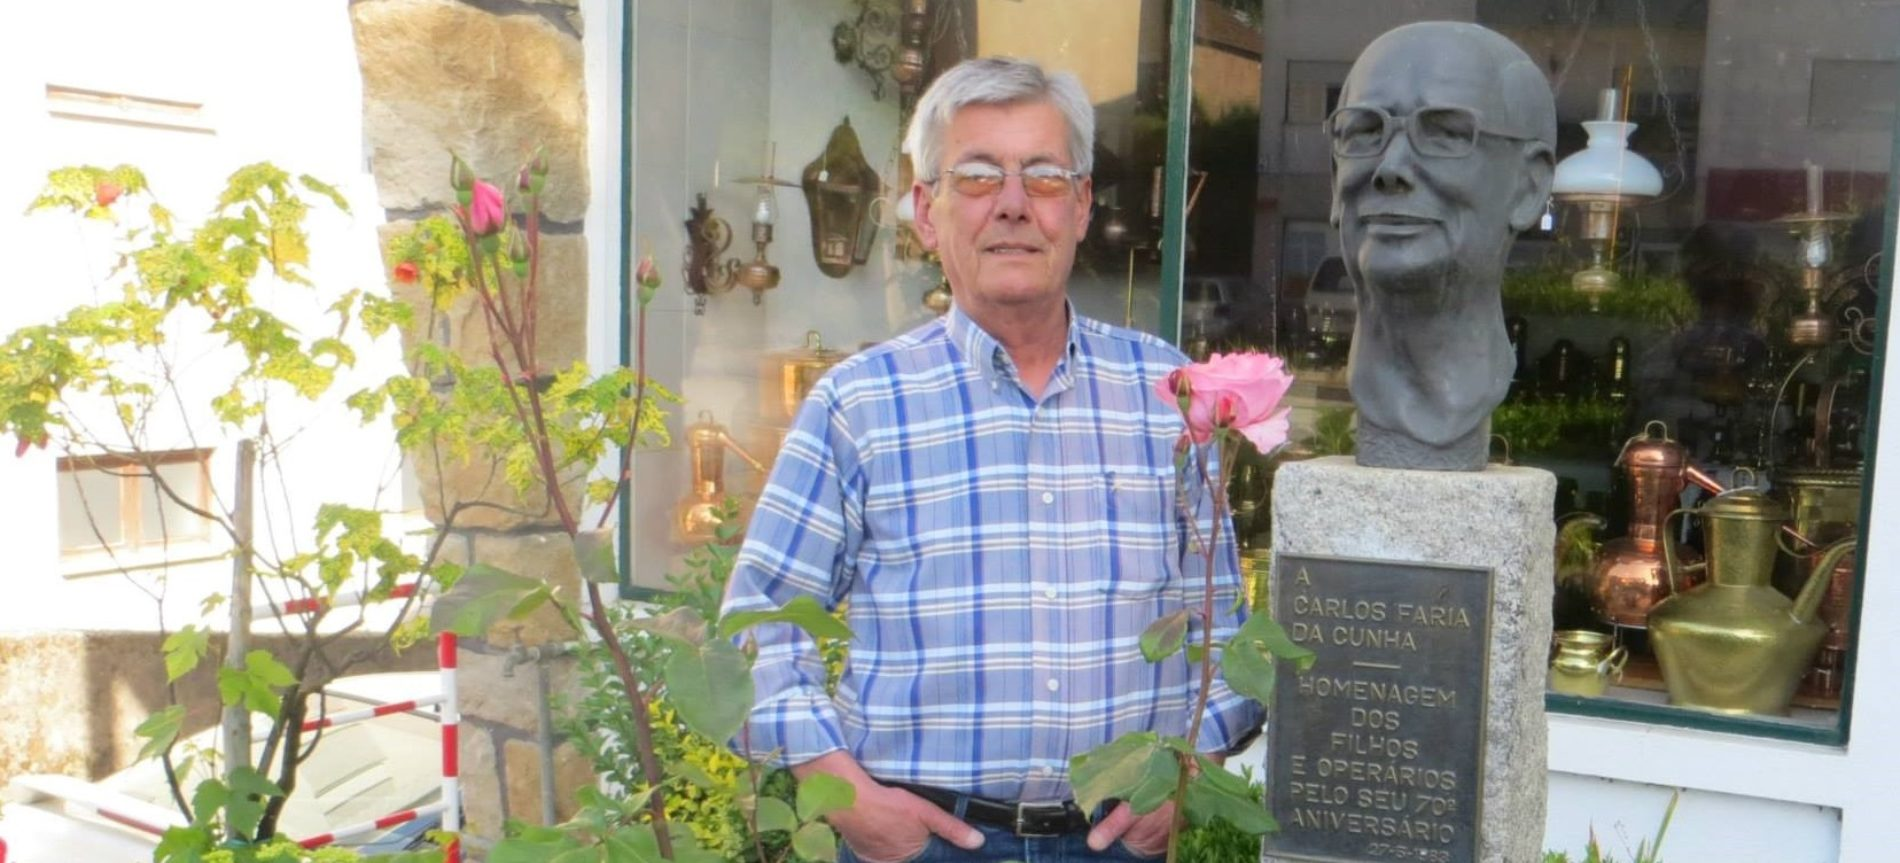 Faleceu o empresário Jorge Manuel Faria